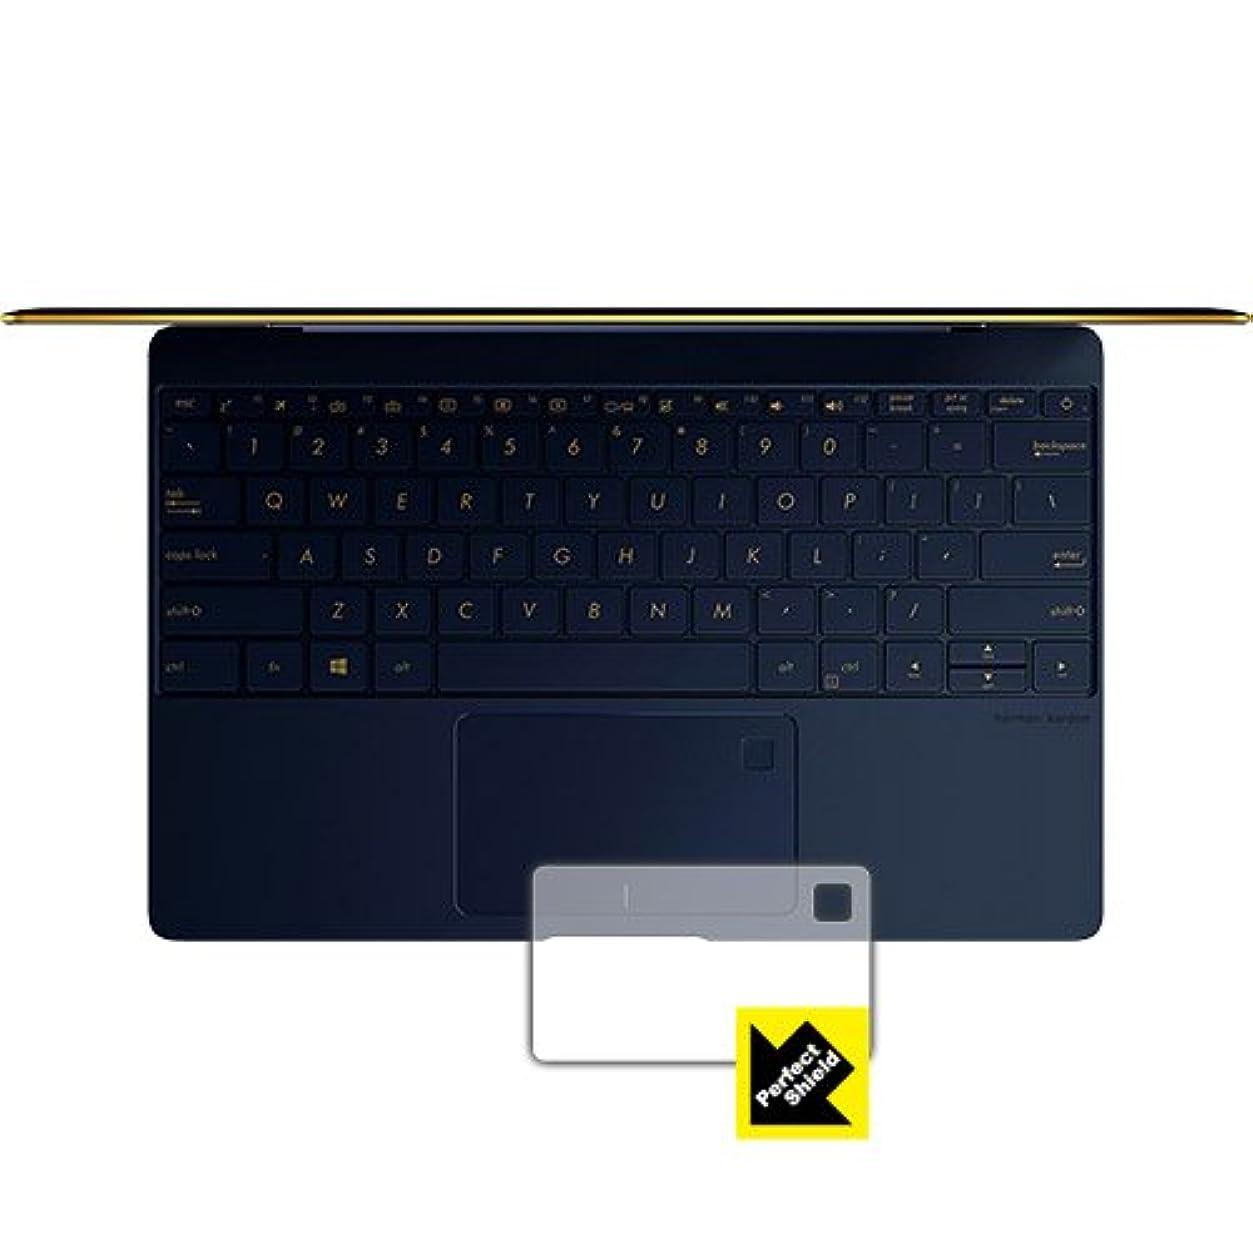 ズボン支配的不屈防気泡 防指紋 反射低減保護フィルム Perfect Shield ASUS ZenBook 3 UX390UA (タッチパッド用) 日本製